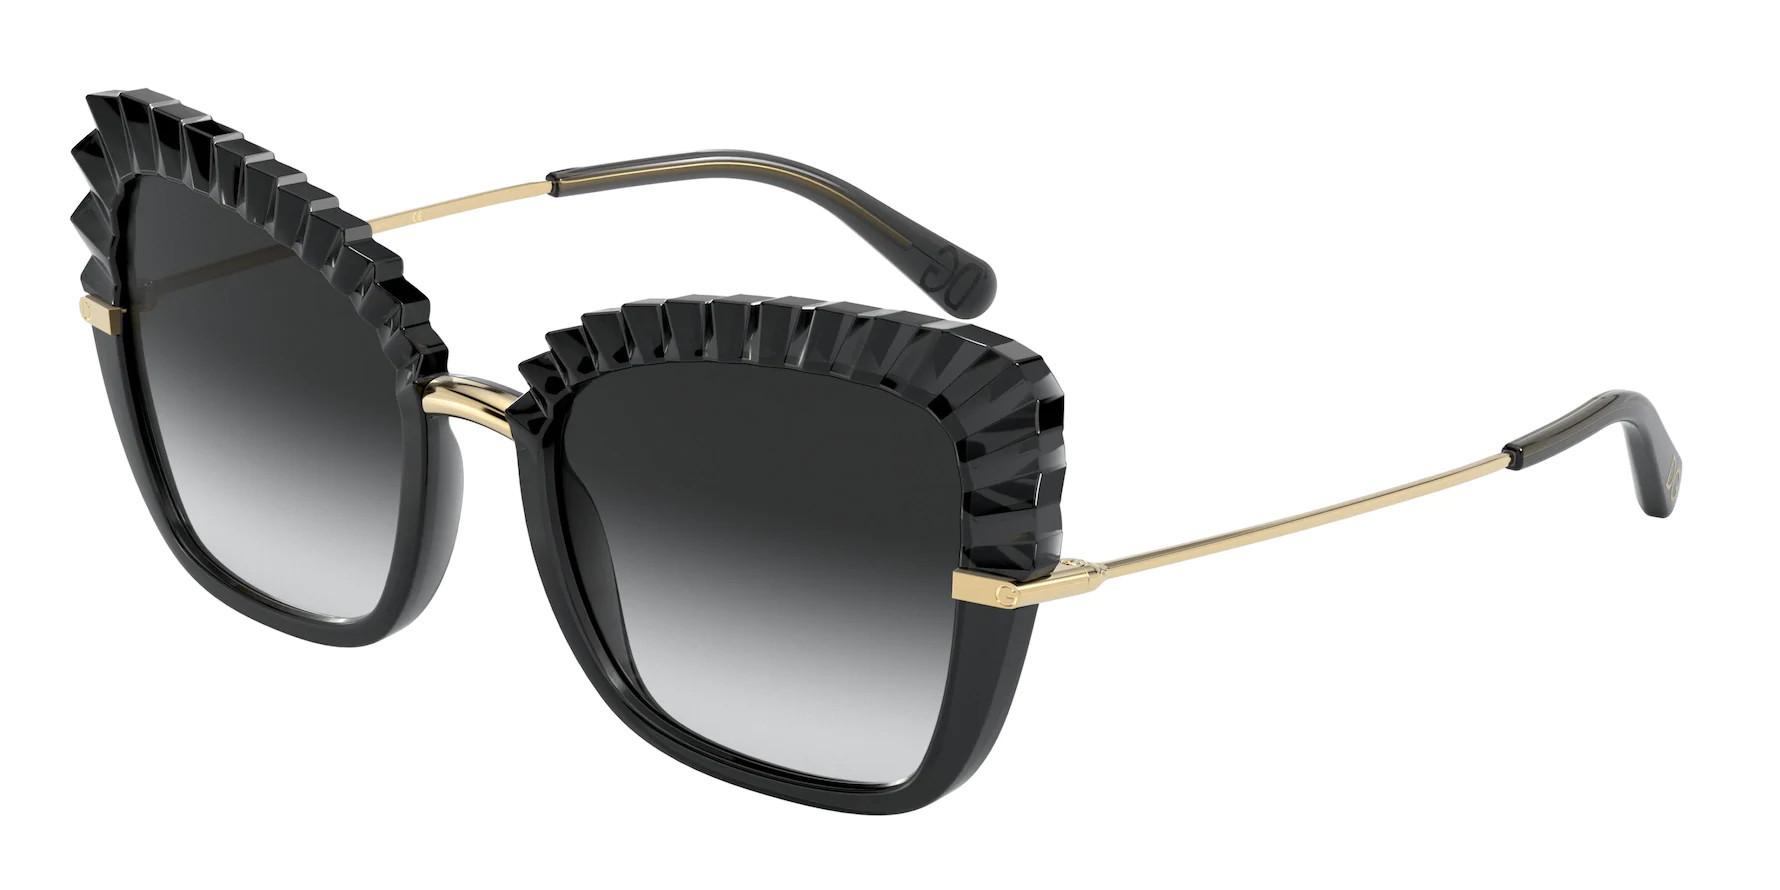 Dolce & Gabbana 6131